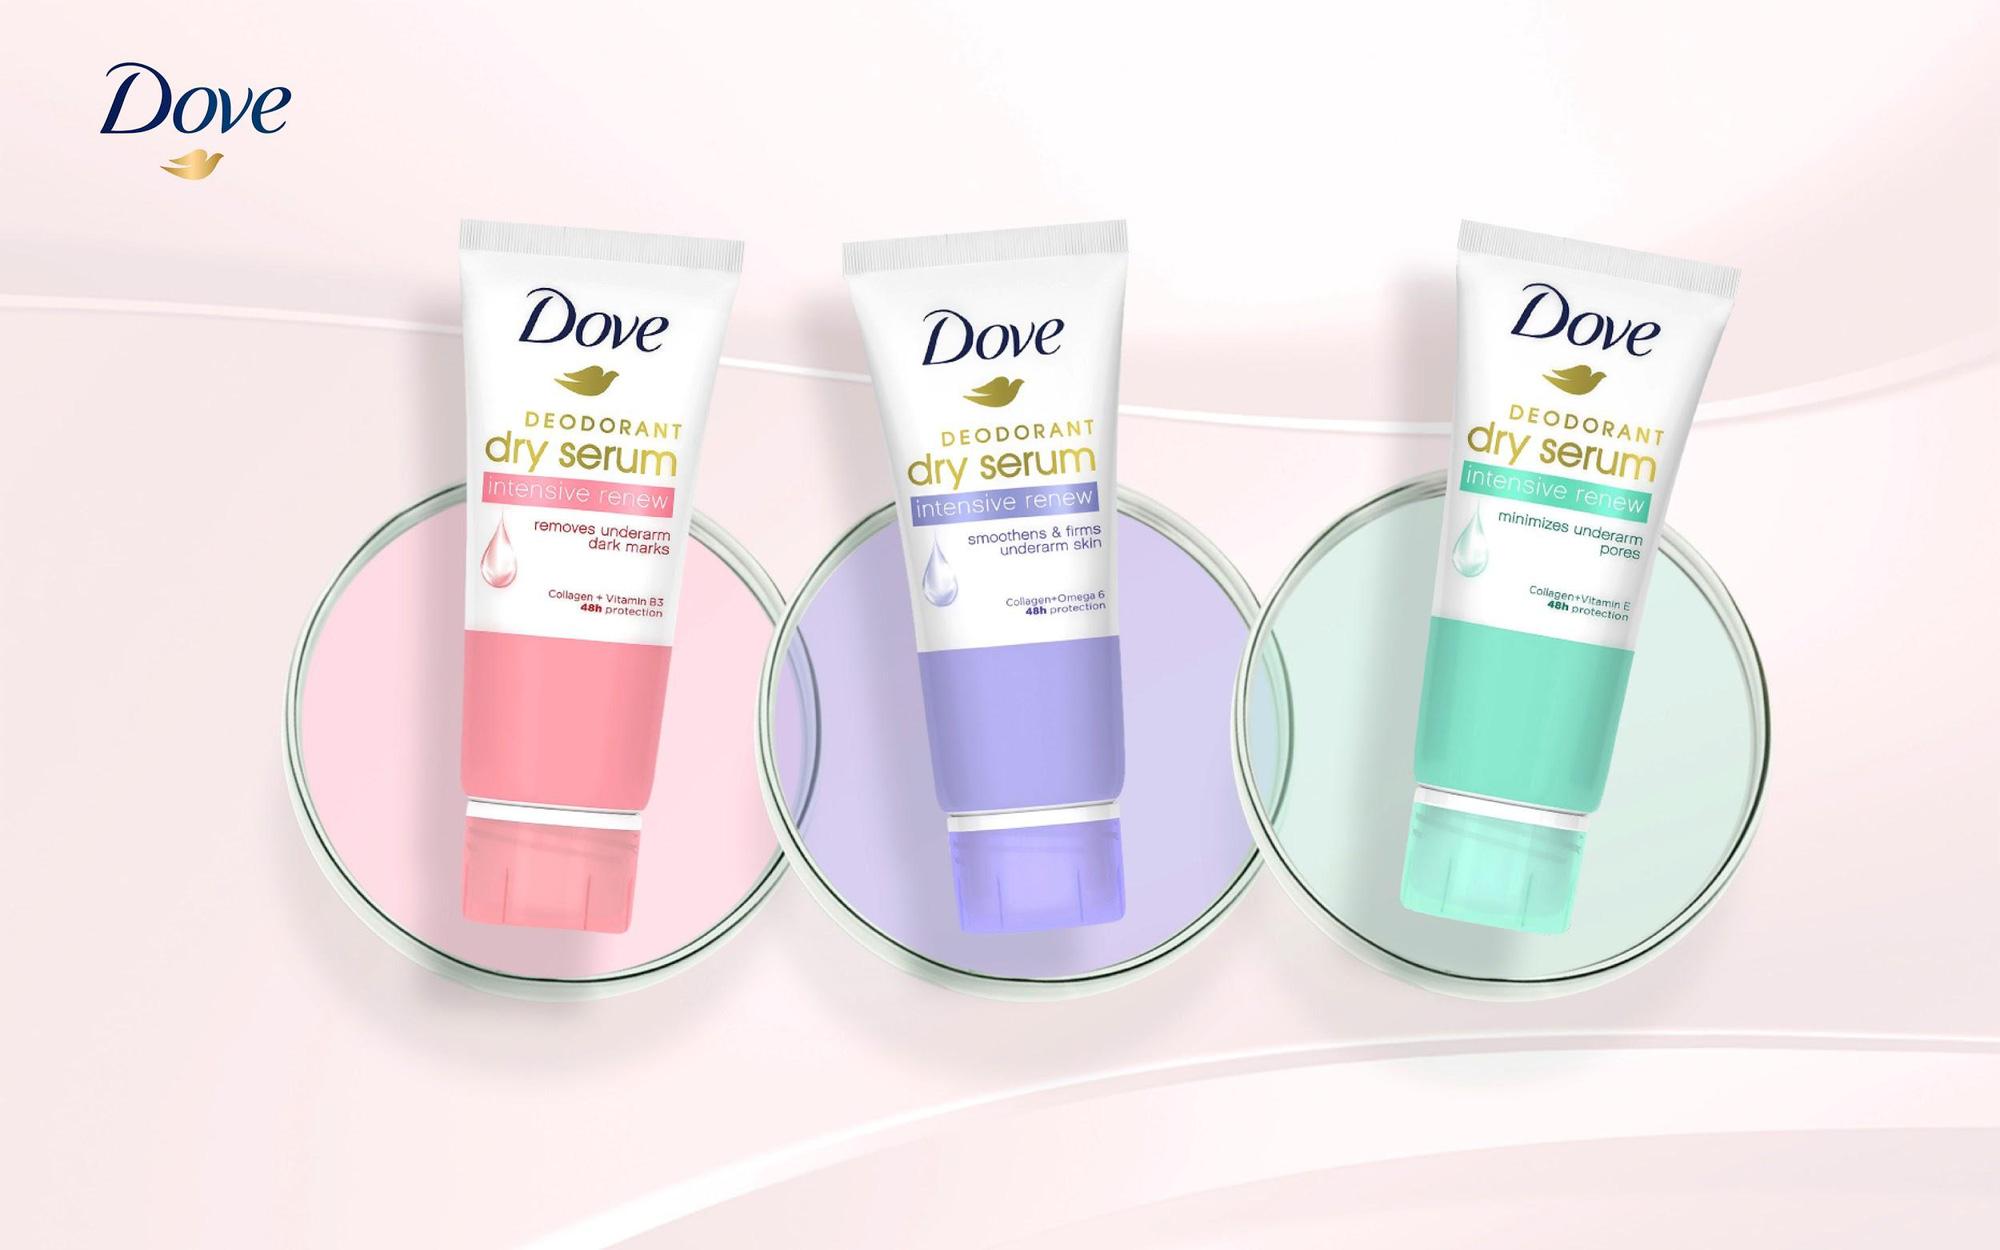 Chân ái mùa nóng: Kem khử mùi kết cấu serum đặc hiệu cho vùng da dưới cánh tay - Ảnh 5.